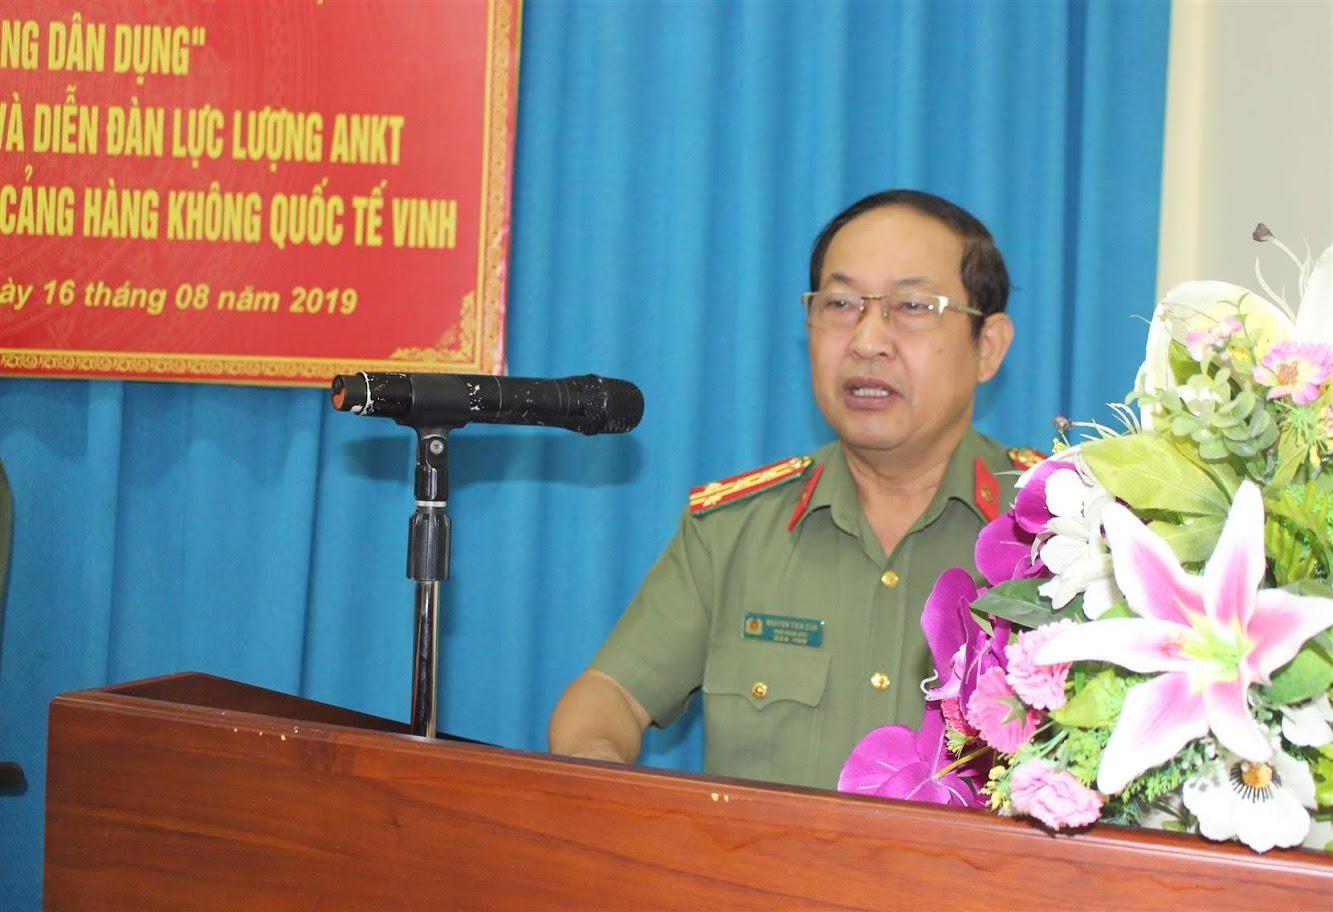 Đồng chí Đại tá Nguyễn Tiến Dần, Phó Giám đốc Công an tỉnh phát biểu tại lễ ra mắt mô hình